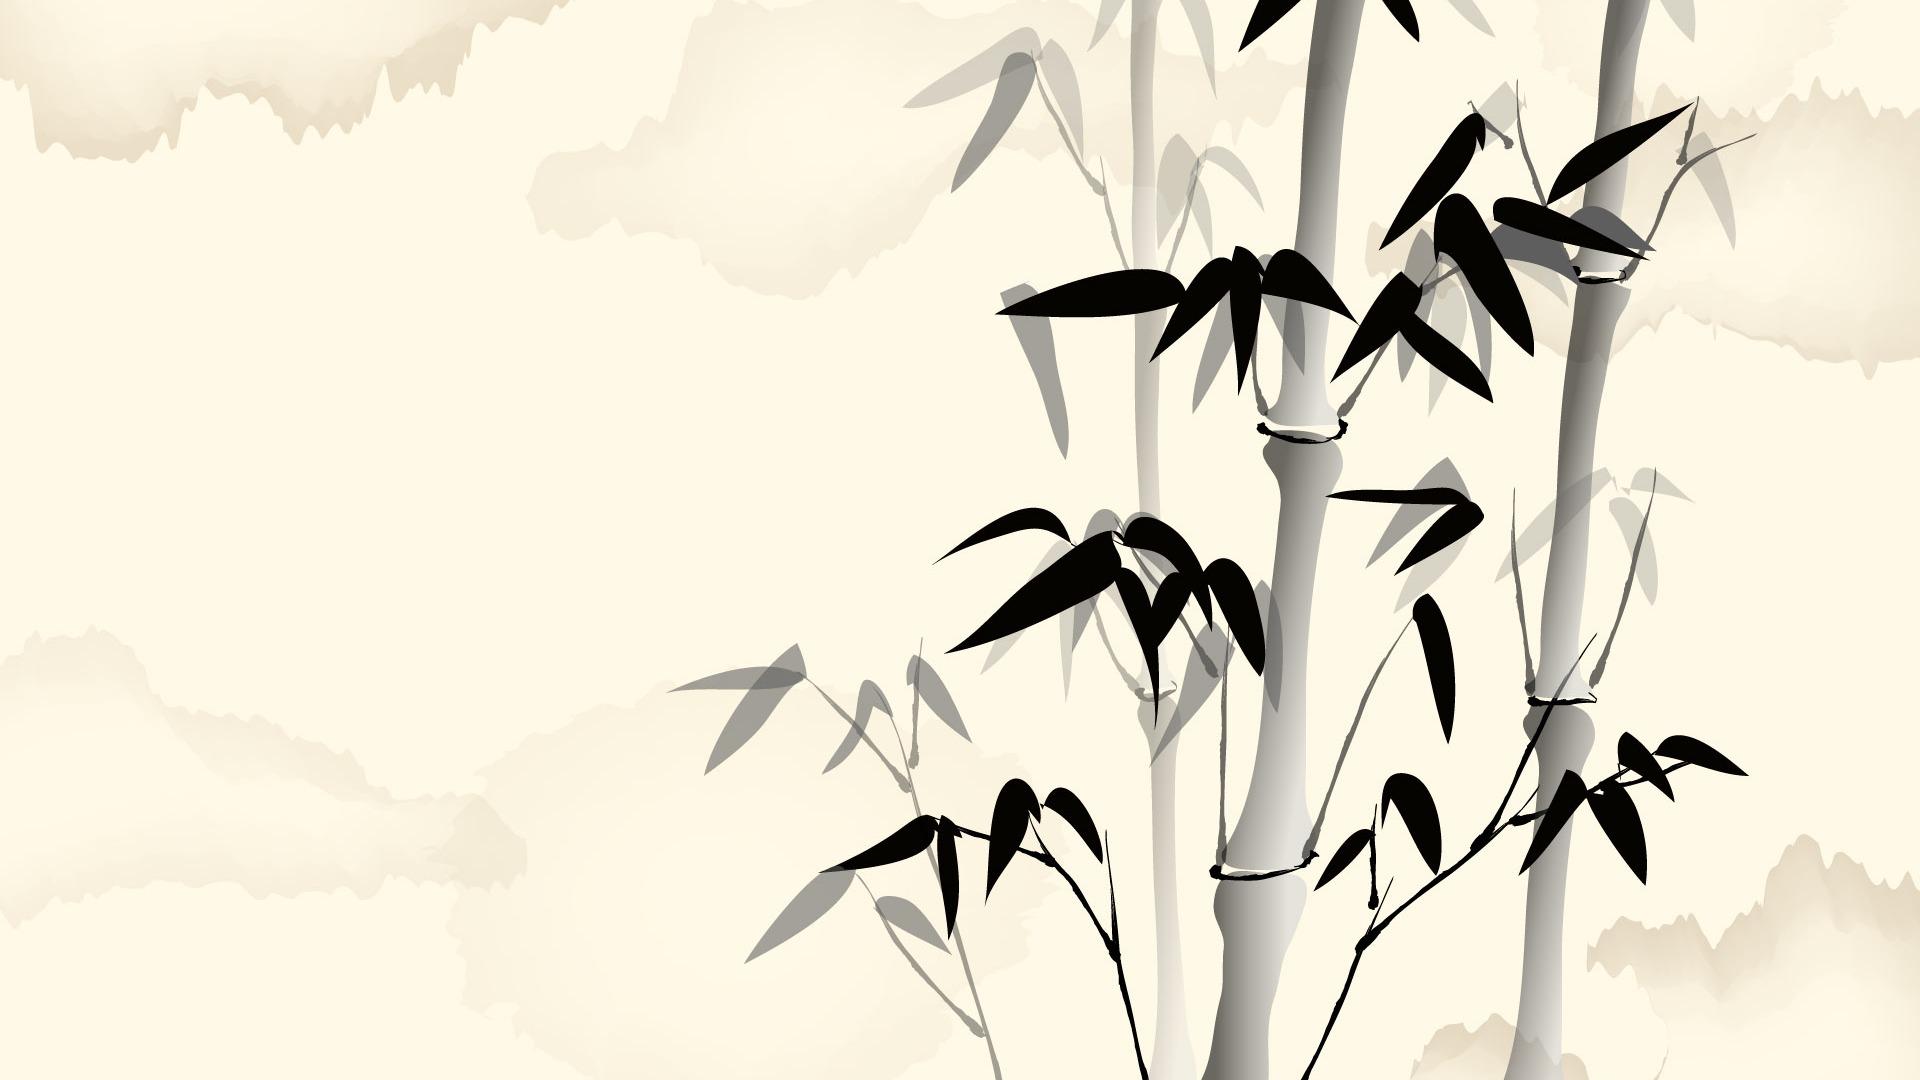 【矢量中国水墨画】-【联想杂谈】论坛-lenovopc社区